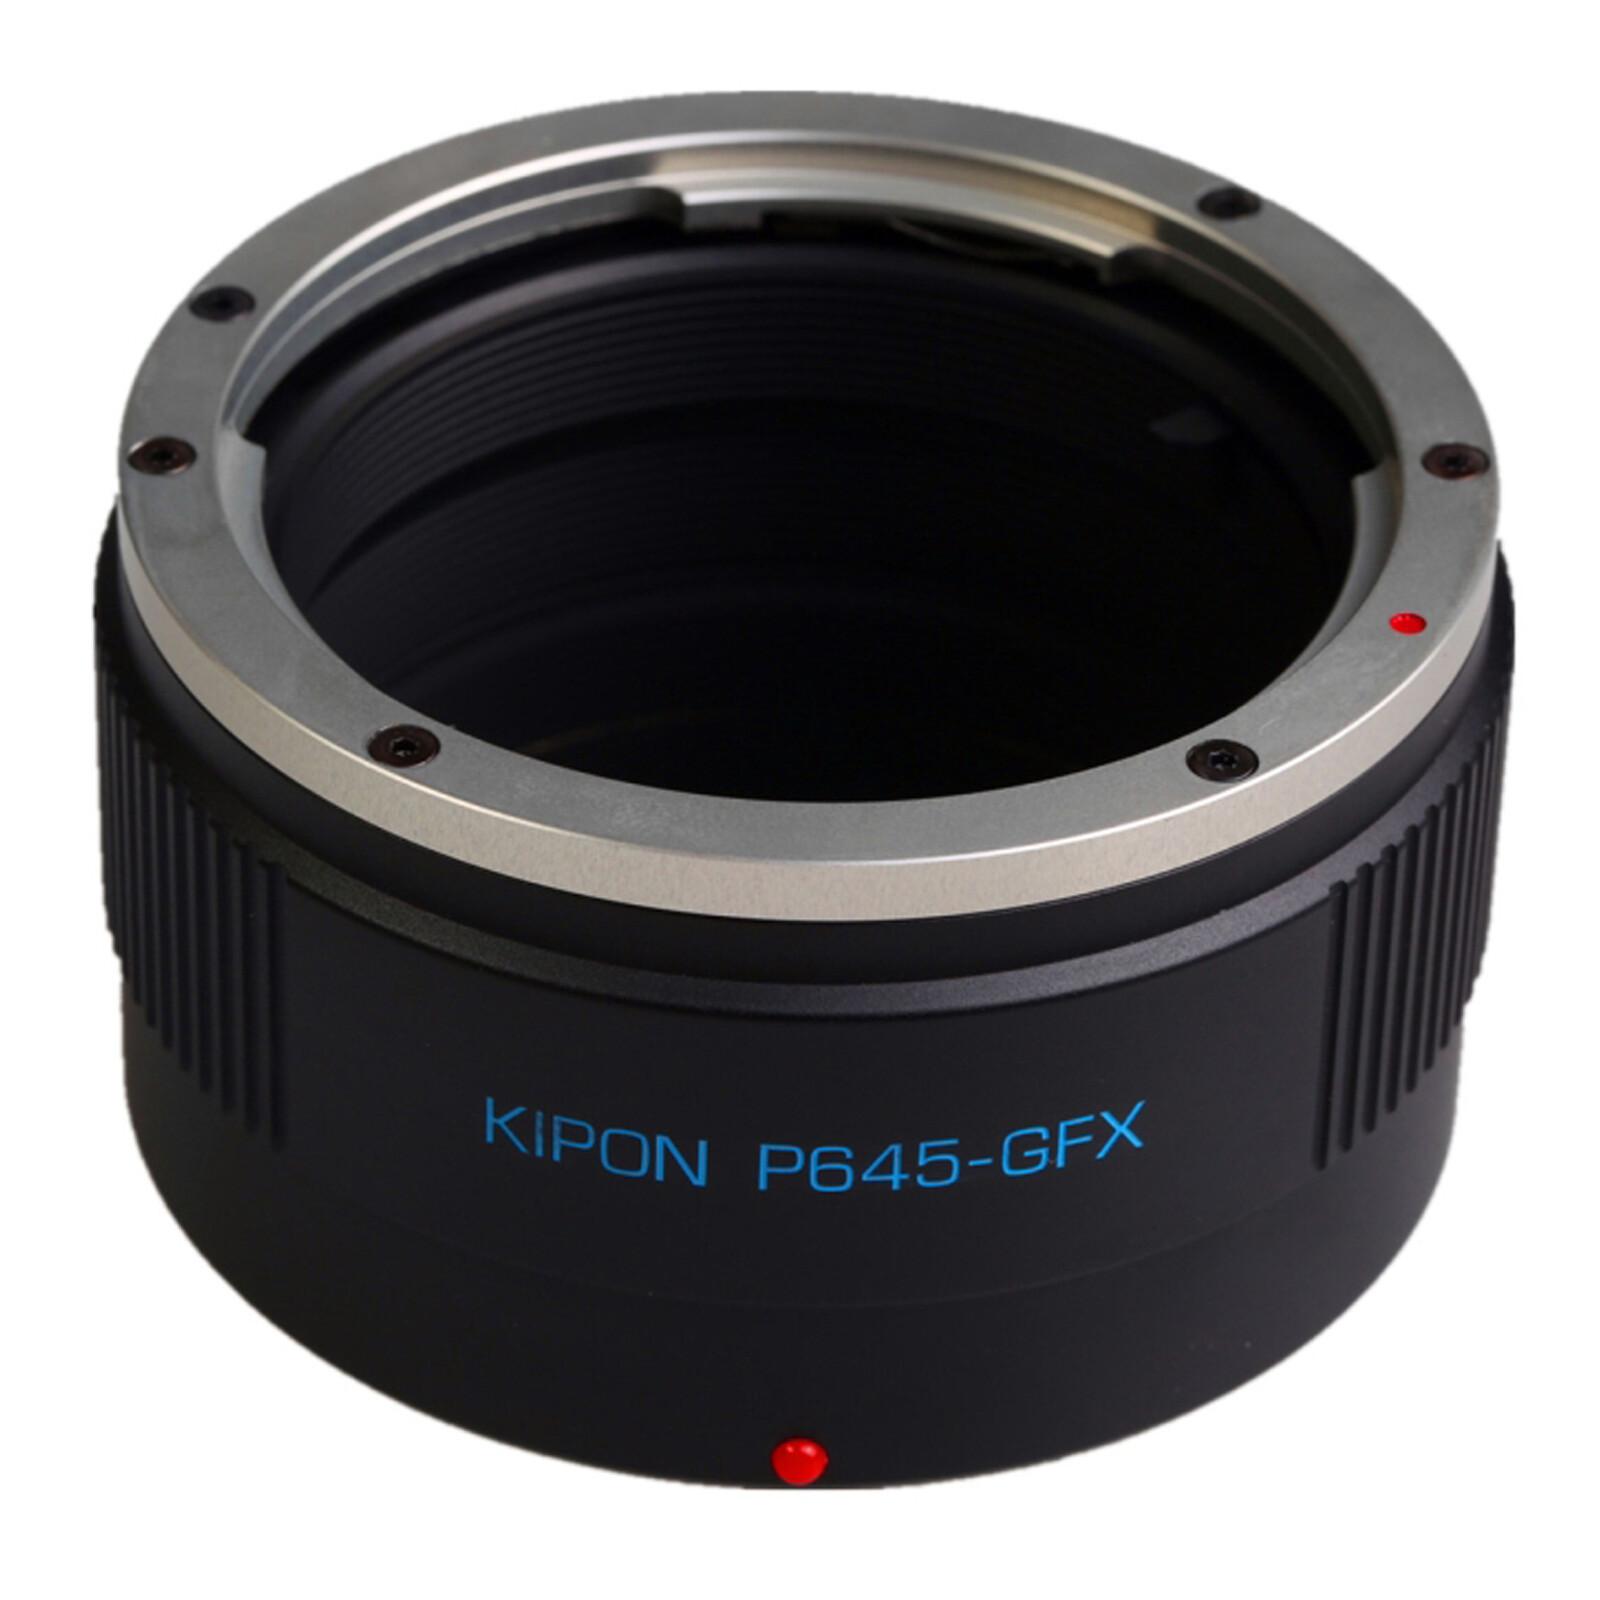 Kipon Adapter für Pentax 645 auf Fuji GFX